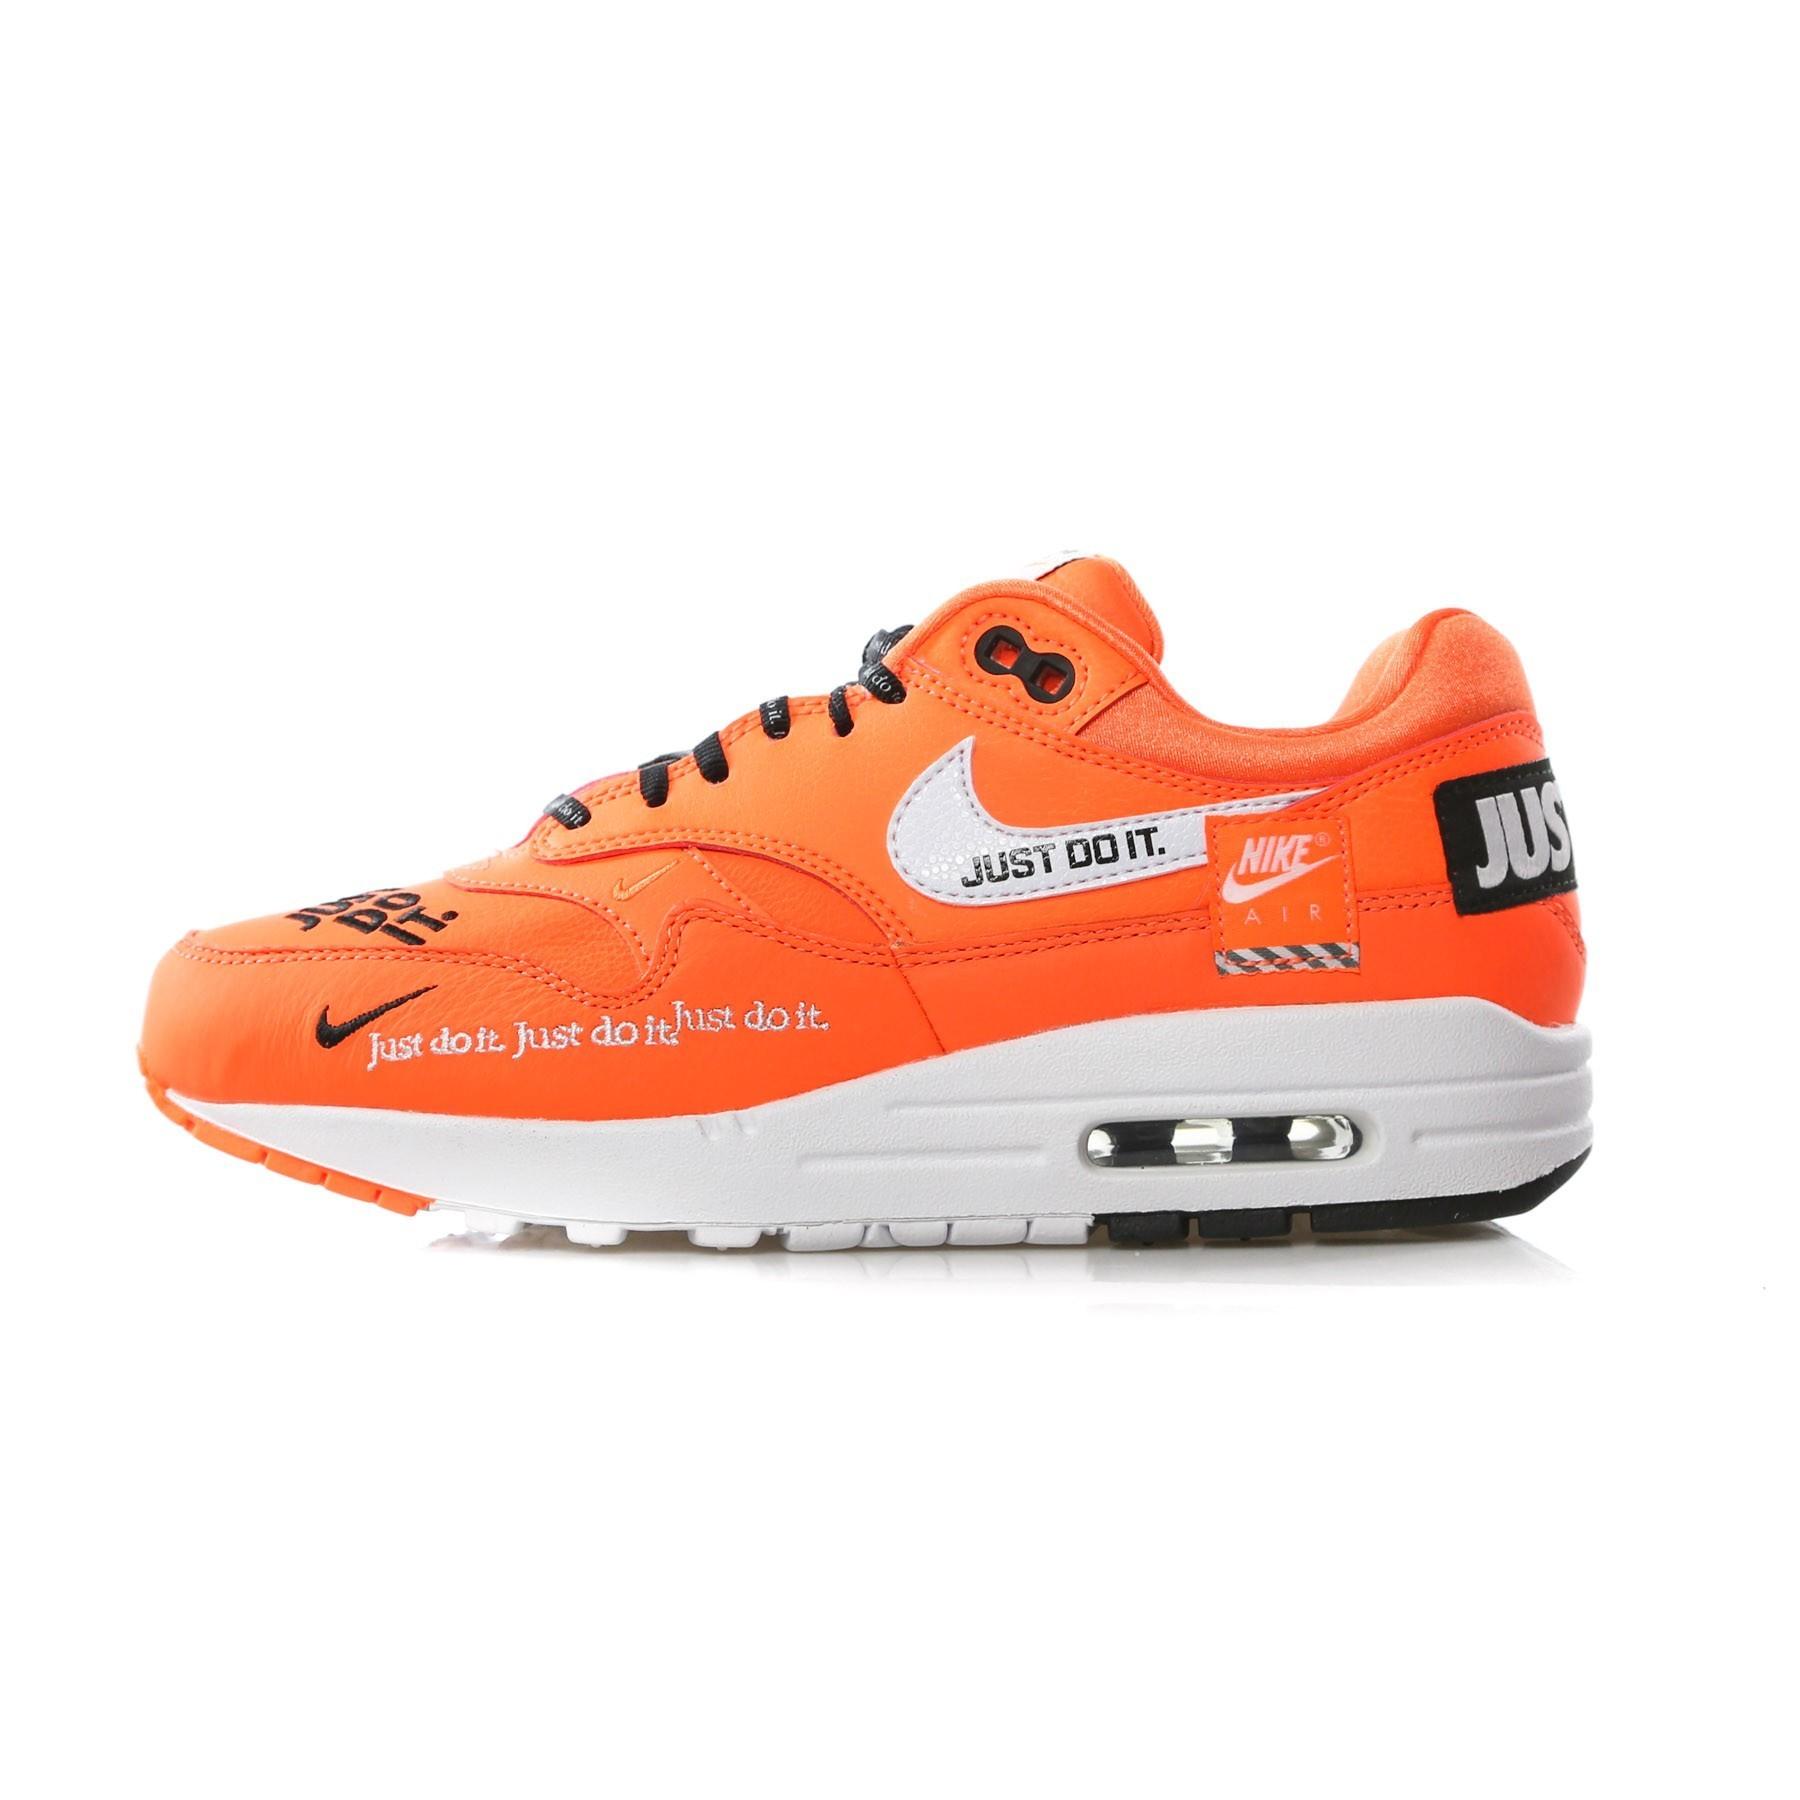 Air Max 1 'Just Do It Orange'